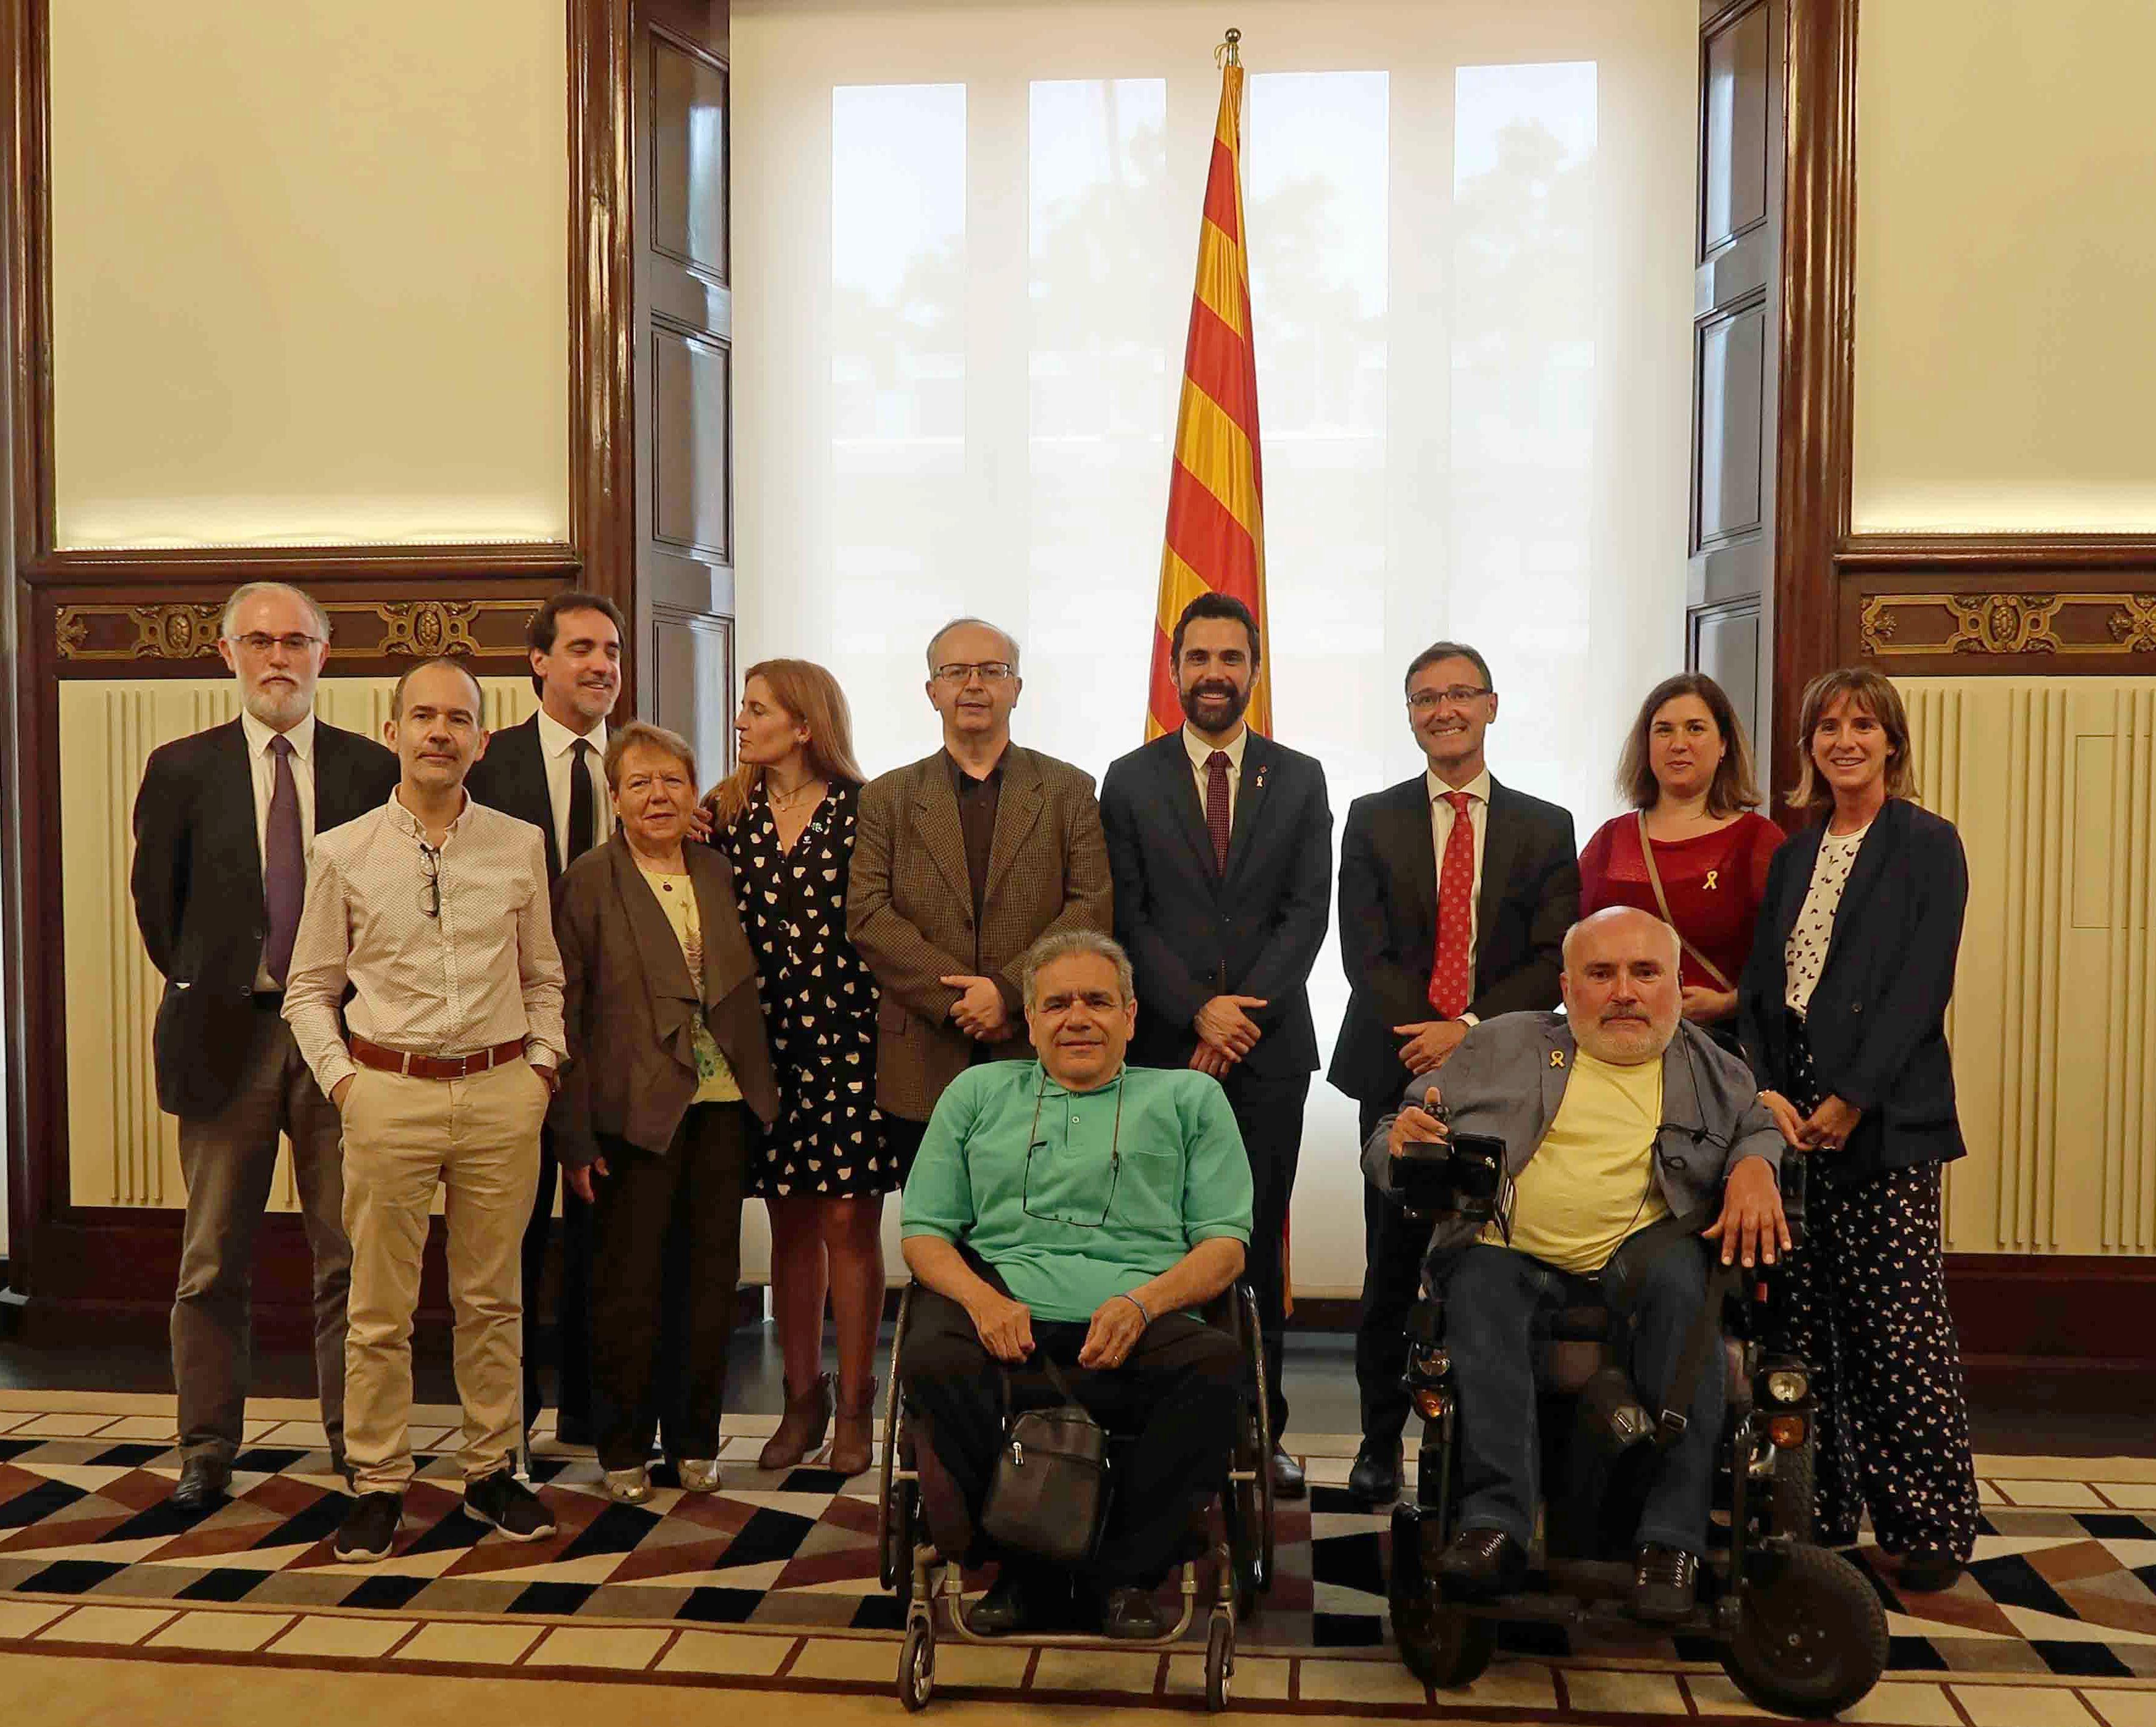 El moviment català de la discapacitat oferim al Parlament la nostra col·laboració per construir polítiques socials més inclusives